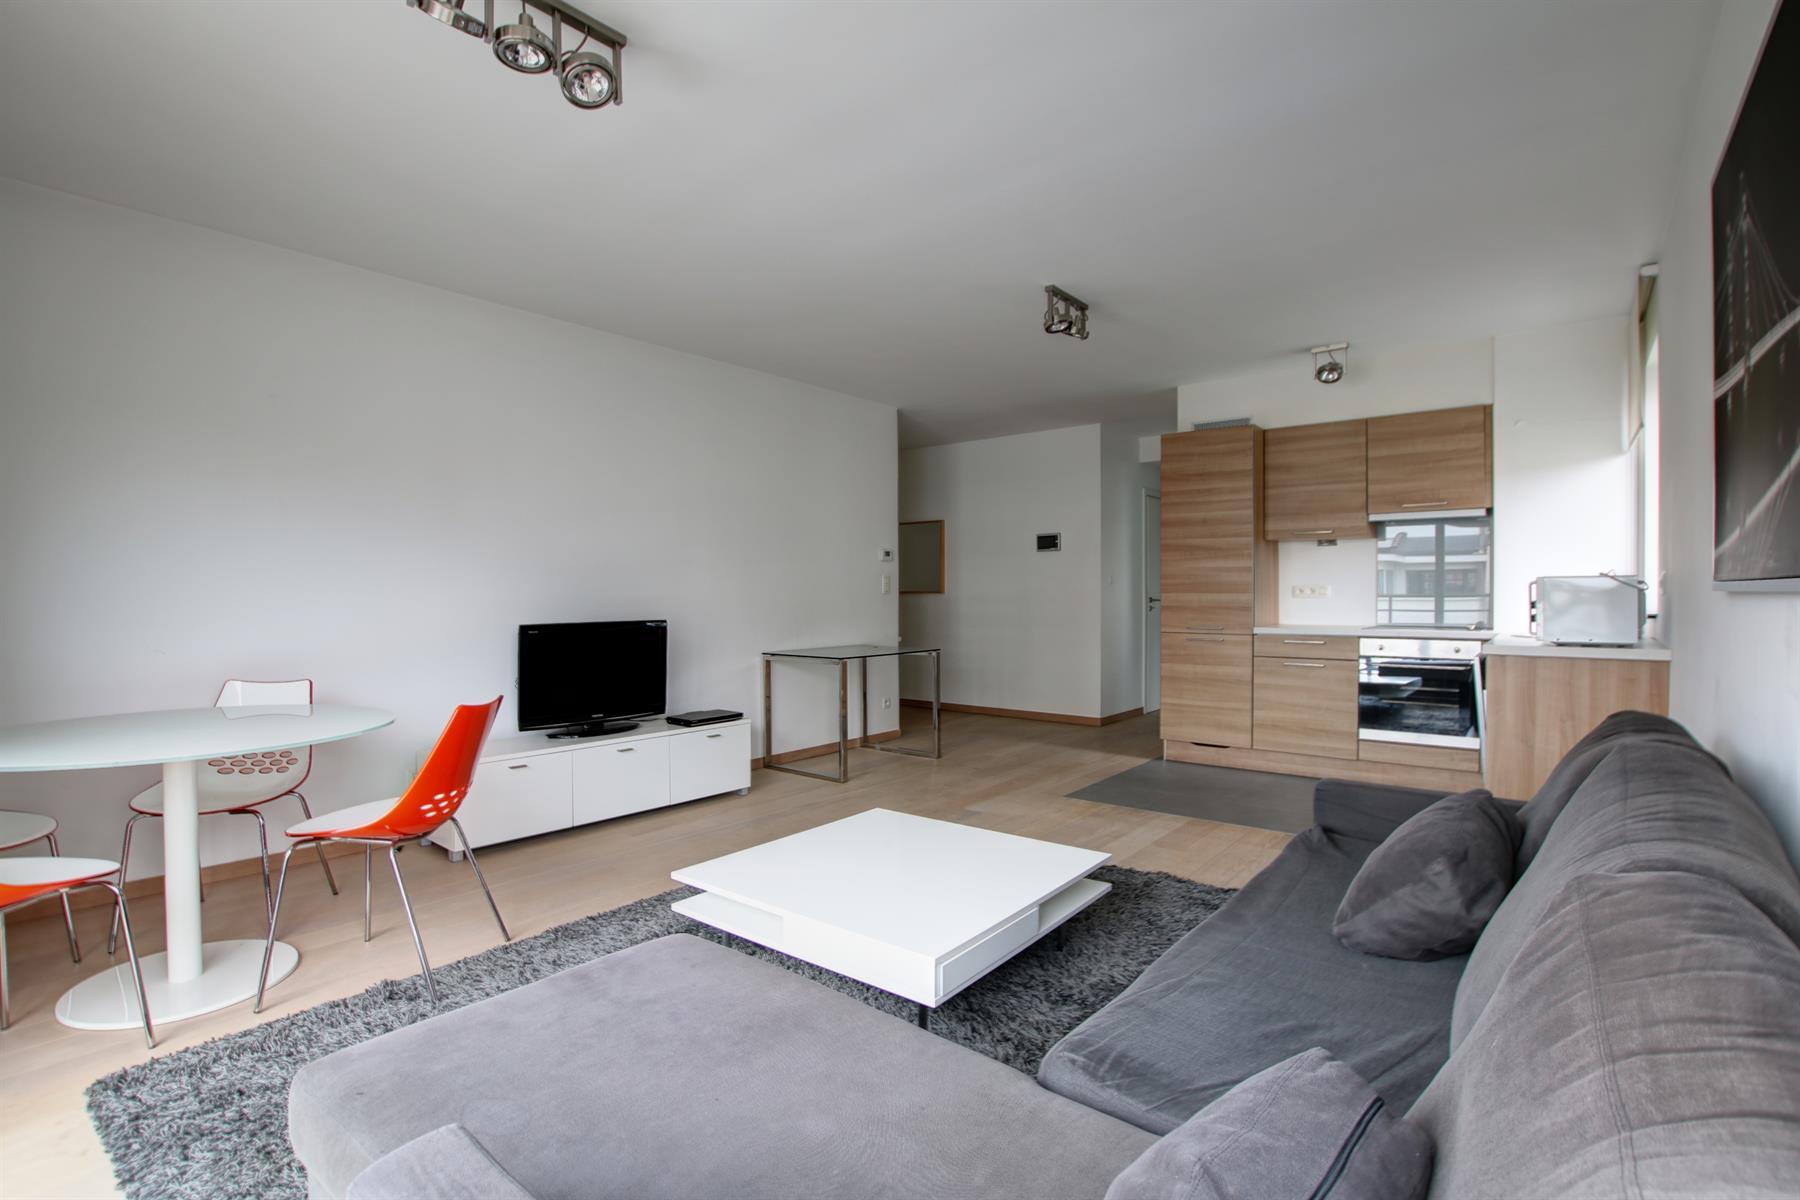 Flat - Ixelles - #4251196-4